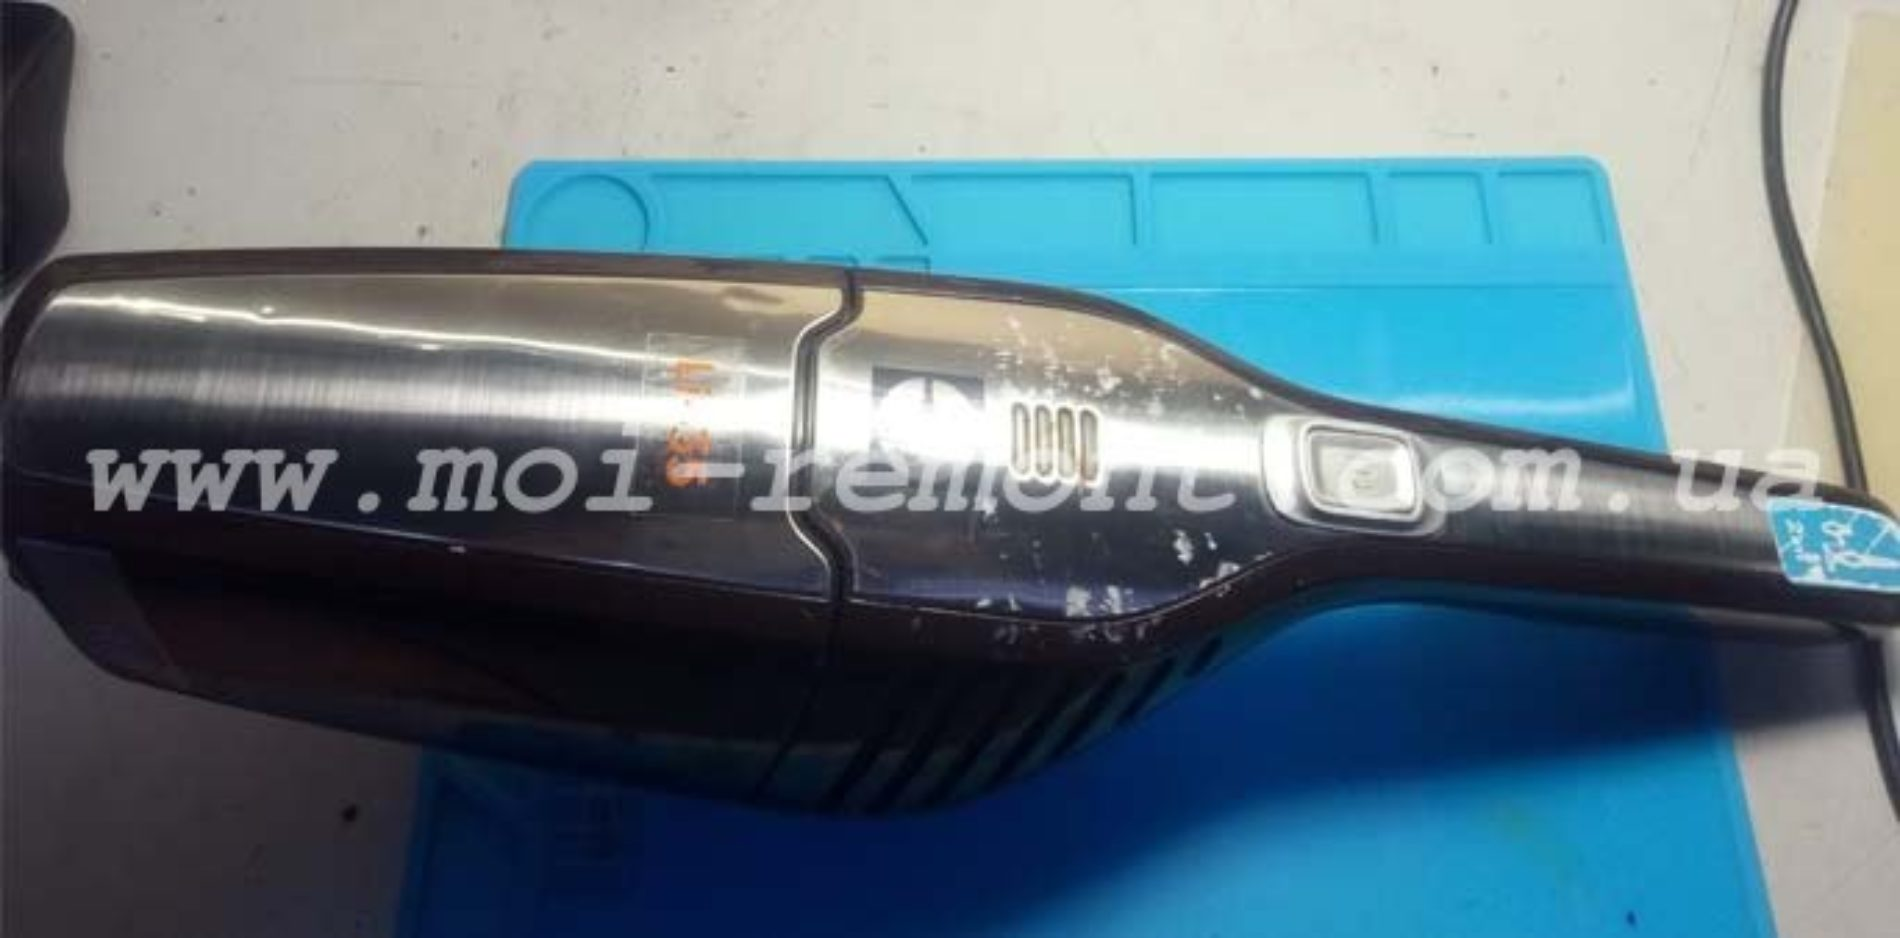 Замена аккумуляторов в пылесосе Electrolux Ergo 11